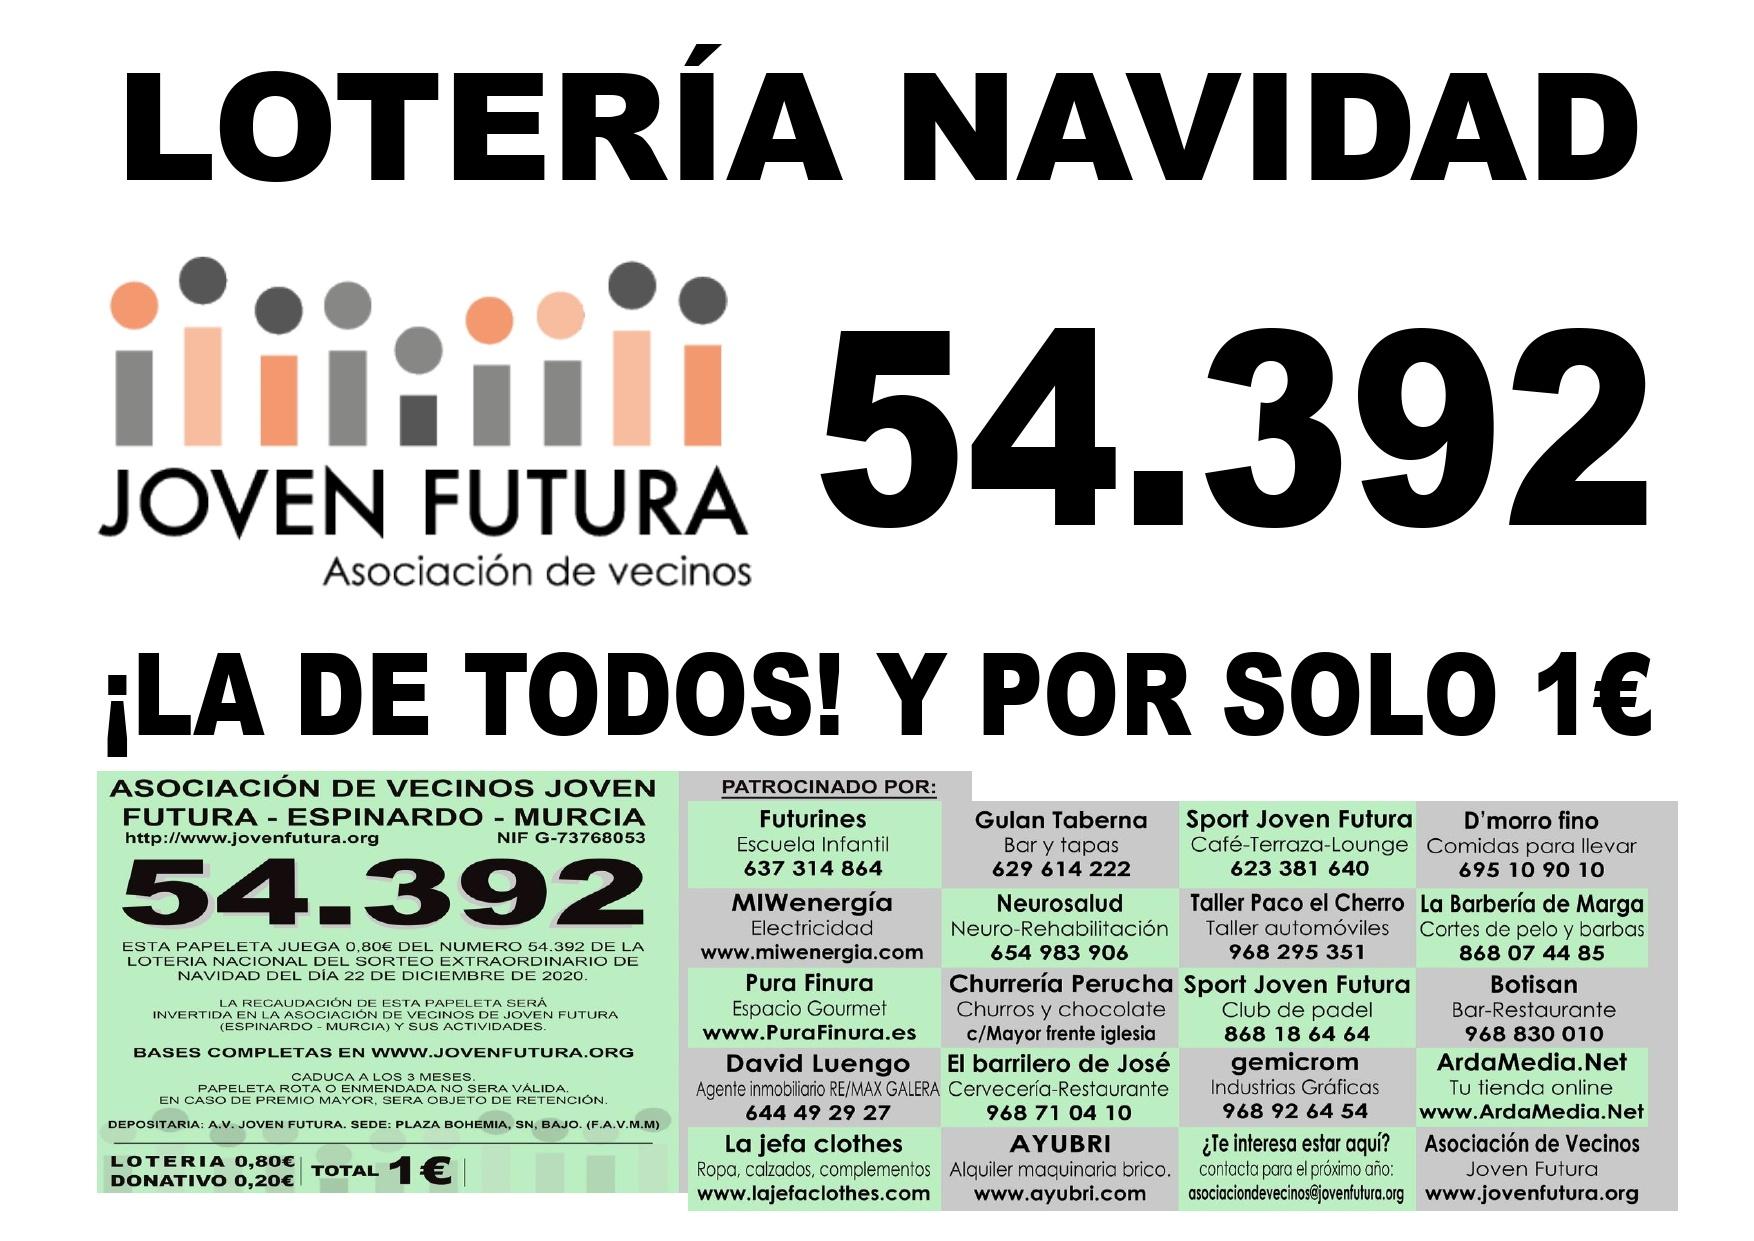 HAY LOTERIA DE NAVIDAD 2020